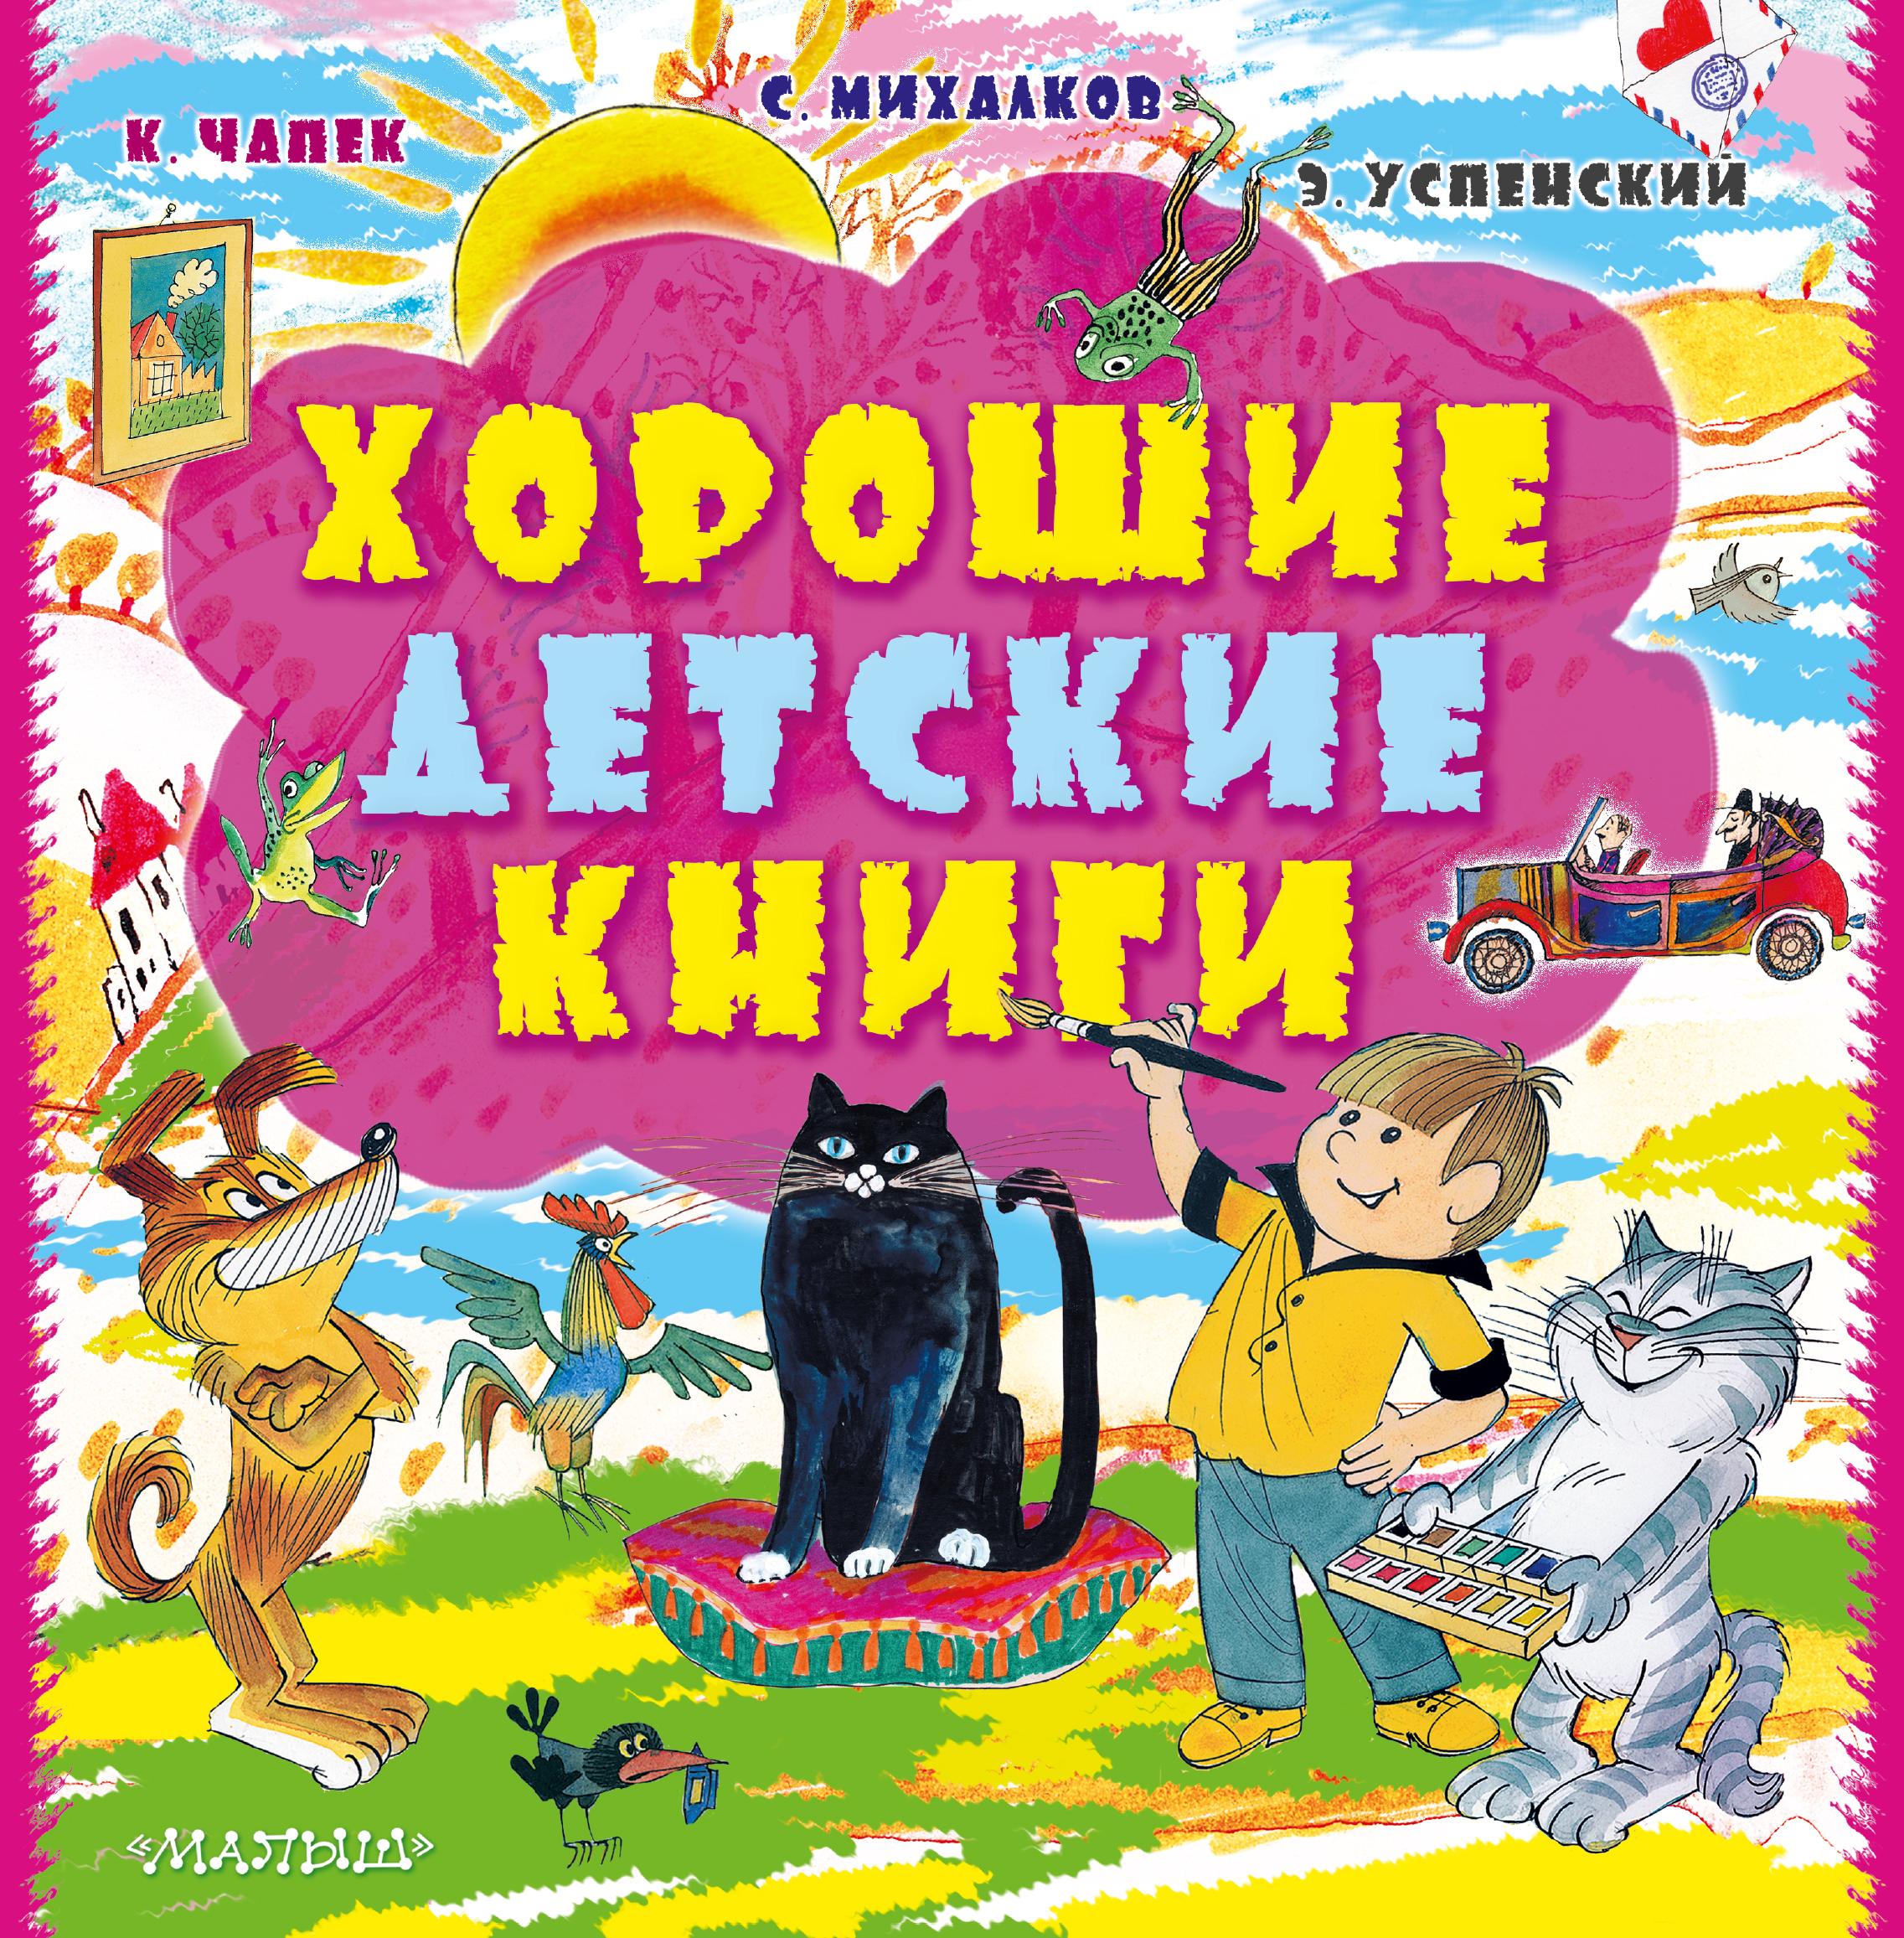 Хорошие детские книги